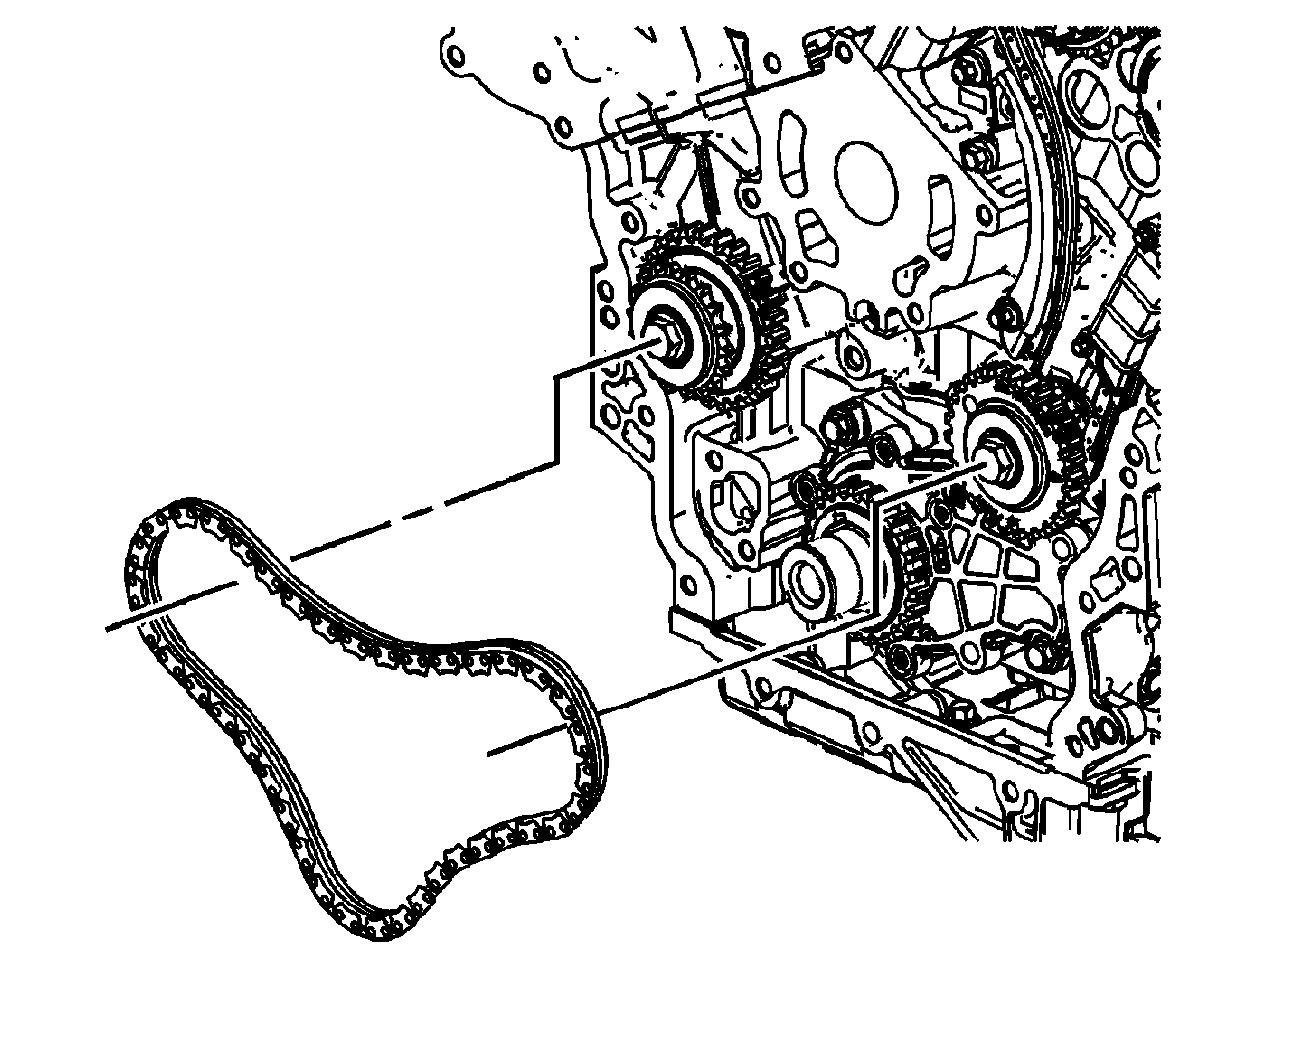 Vt 4200 2008 Suzuki Forenza Engine Diagram Wiring Diagram